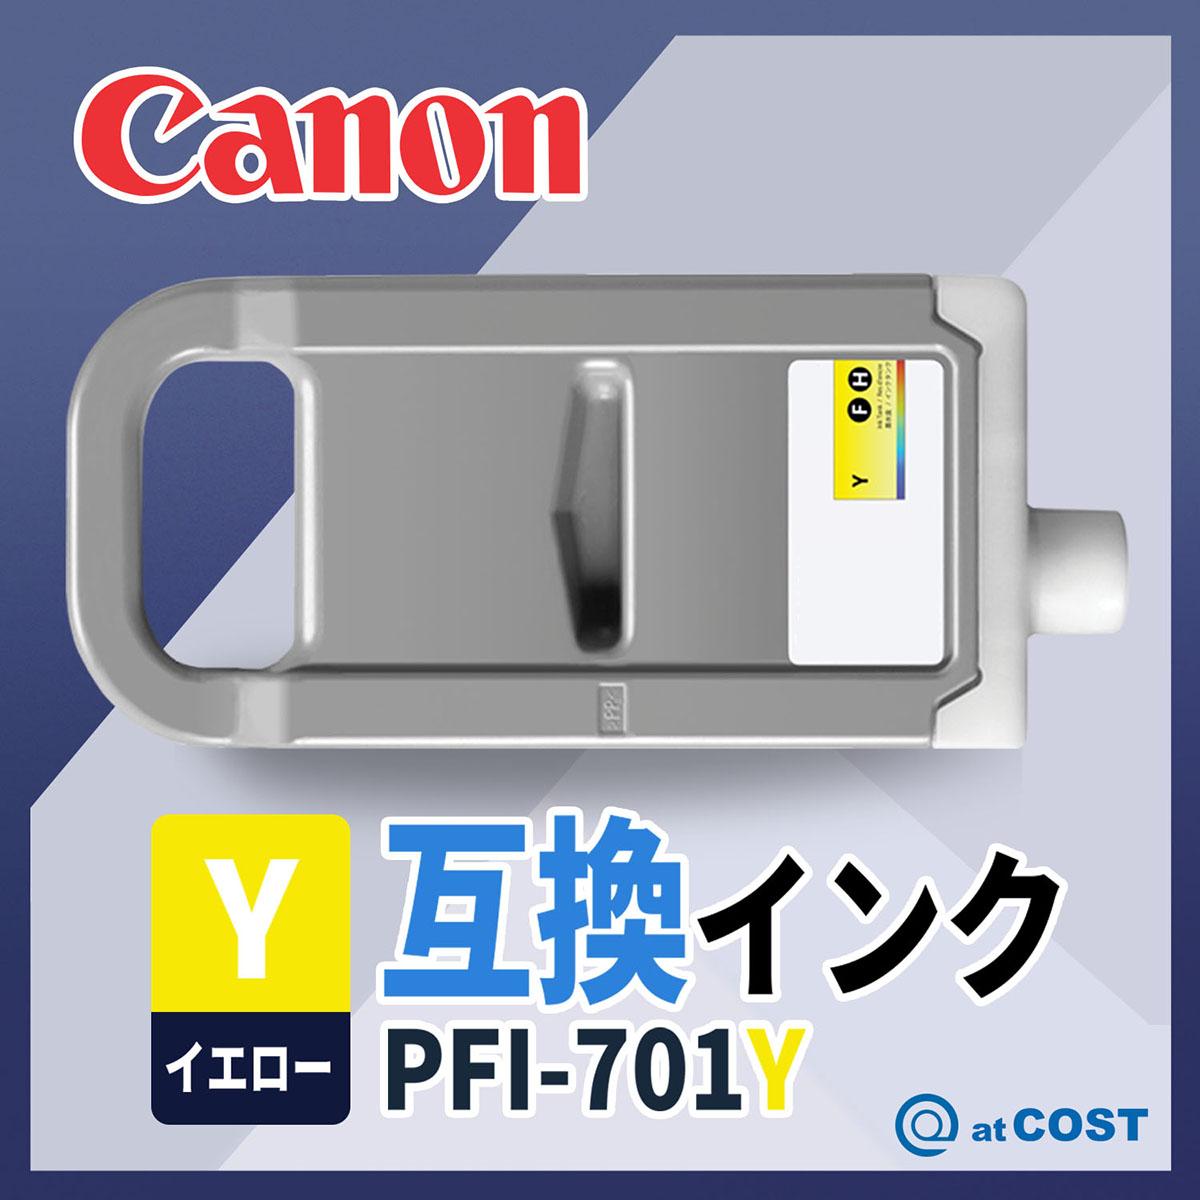 キャノン / CANON / PFI-701Y / イエロー / 700ml / 互換インク / インクタンク / インクカートリッジ / 低価格